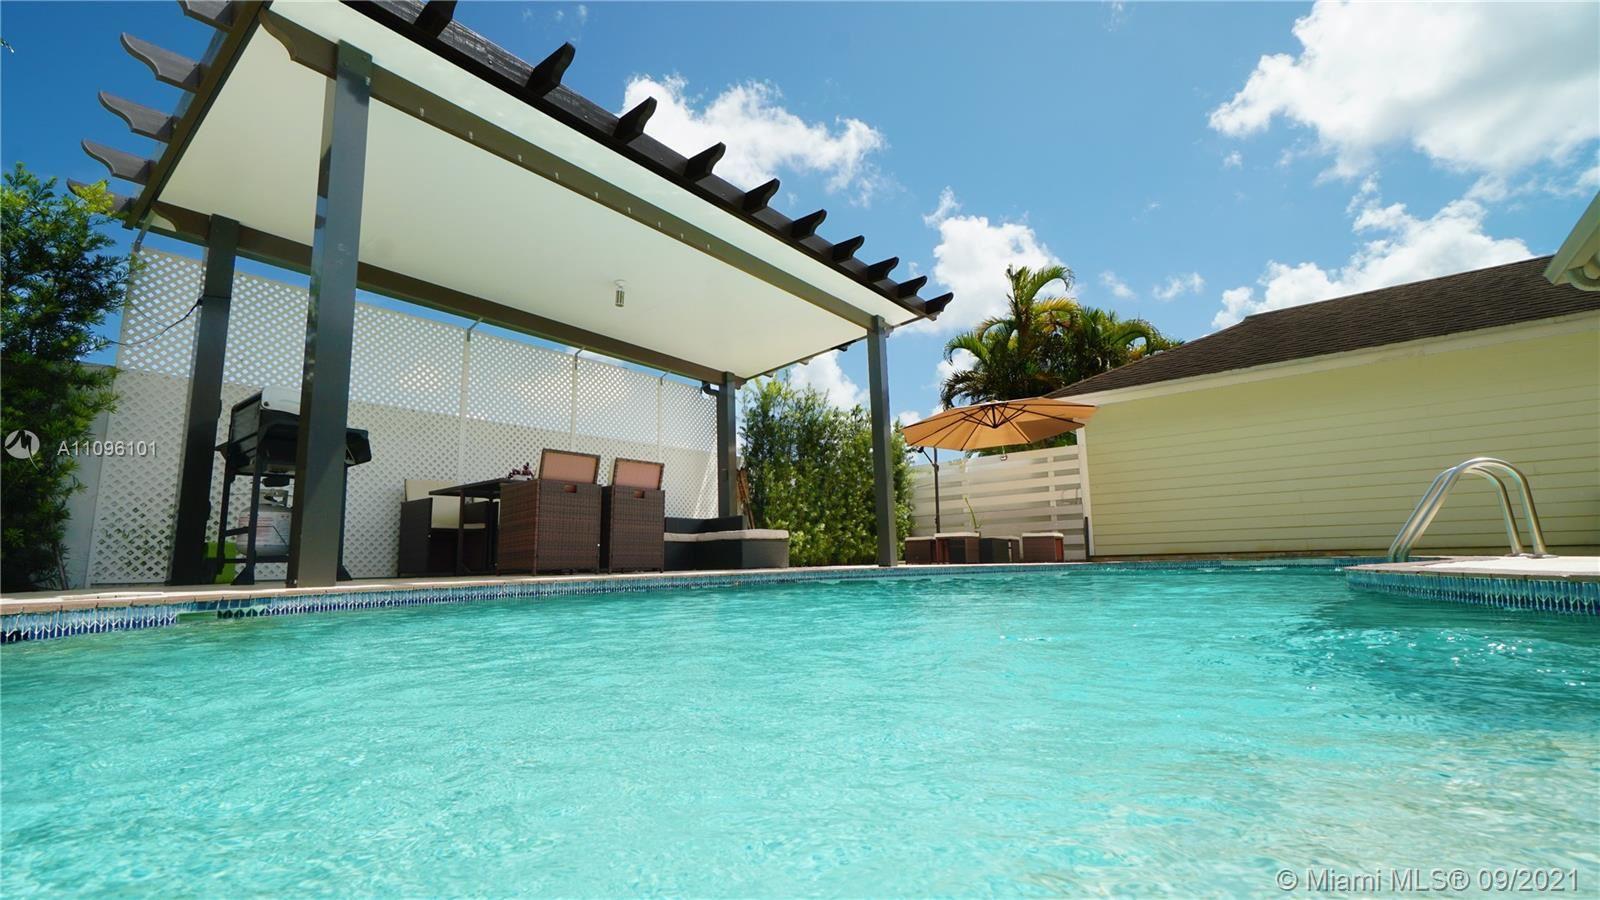 14145 SW 100th Ter, Miami, FL 33186 - #: A11096101